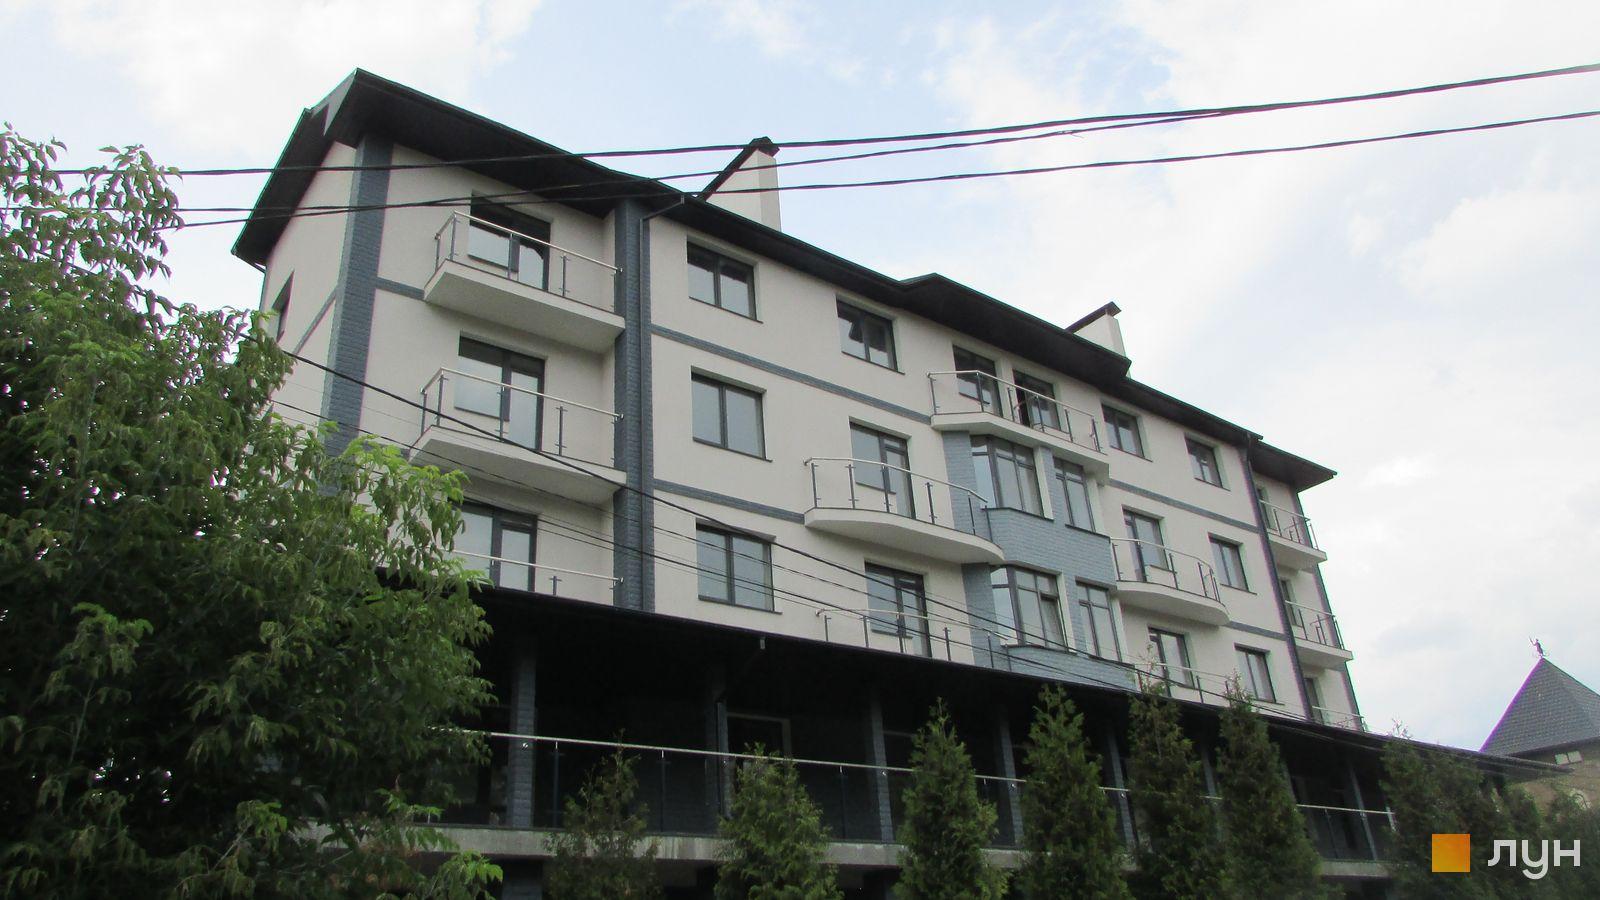 Ход строительства ЖК Ваша квартира, ул. Институтская, 101, июль 2017